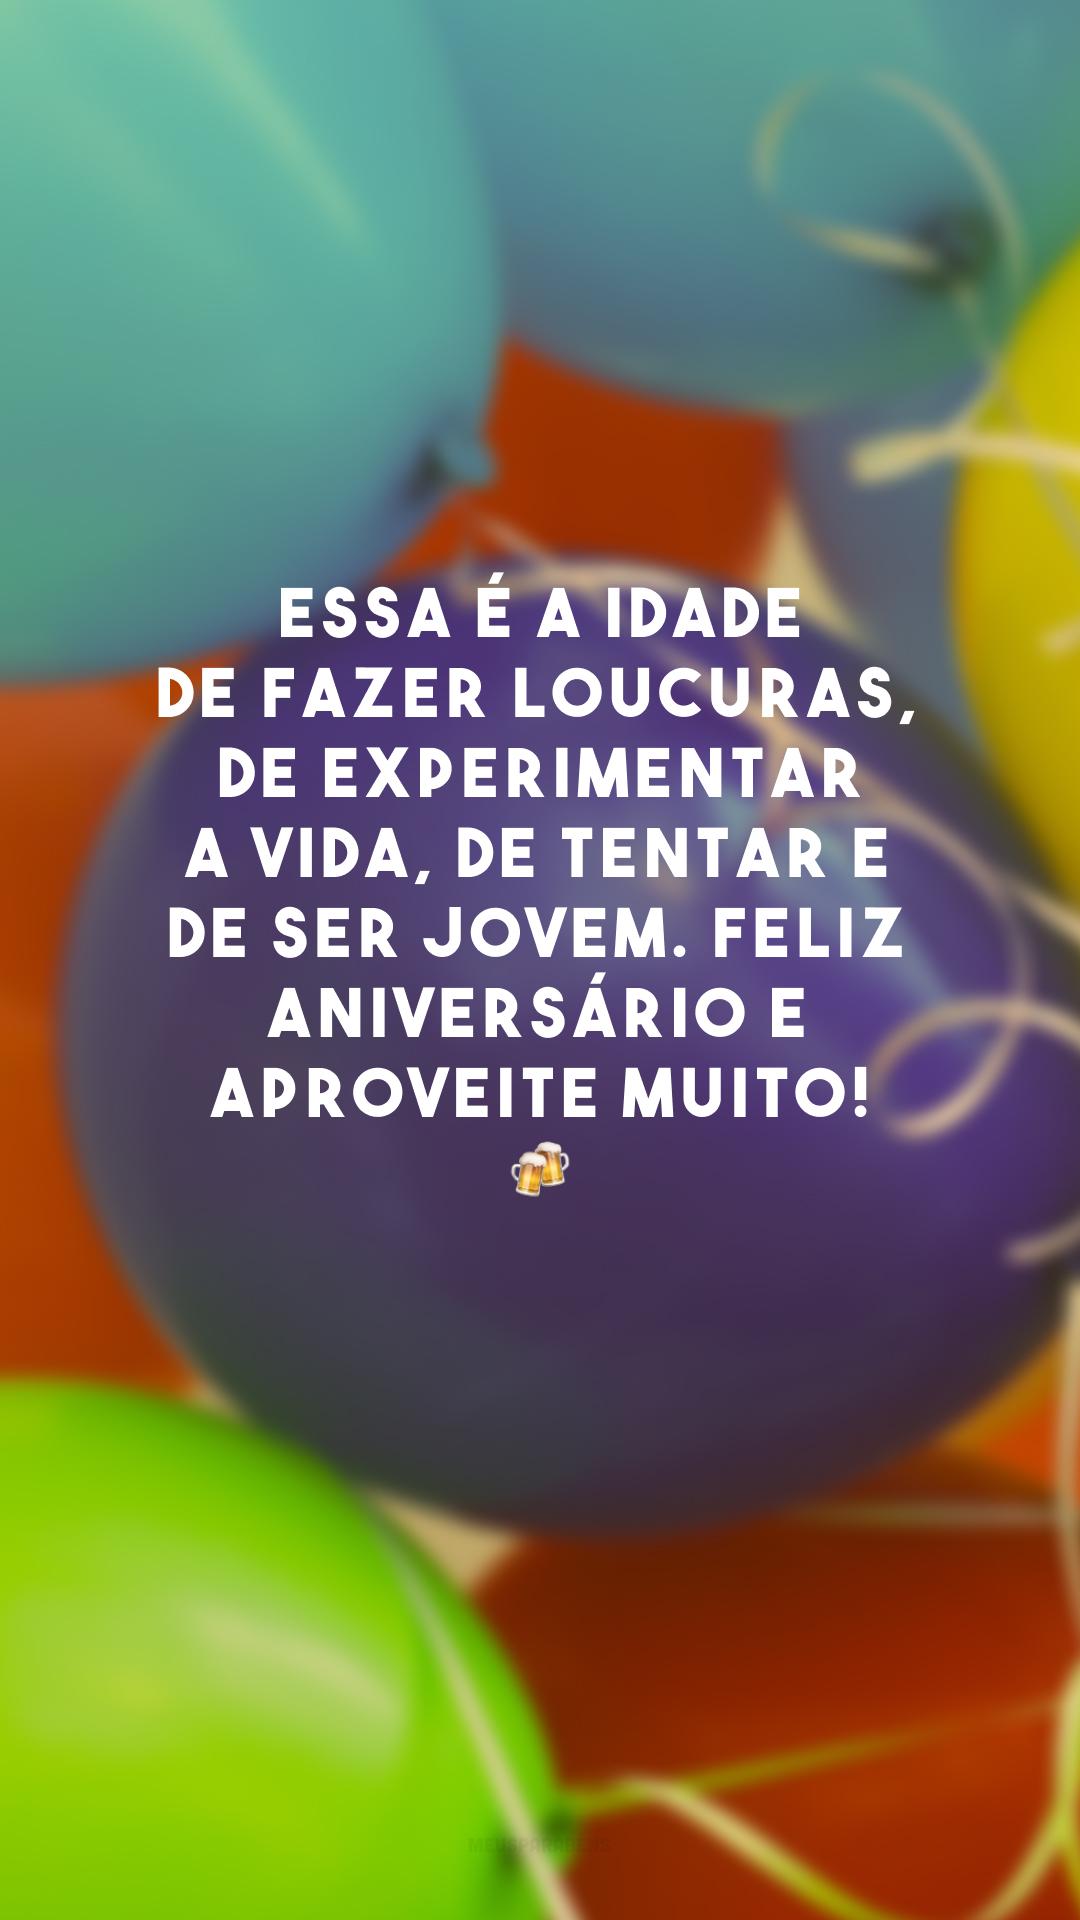 Essa é a idade de fazer loucuras, de experimentar a vida, de tentar e de ser jovem. Feliz aniversário e aproveite muito! 🍻